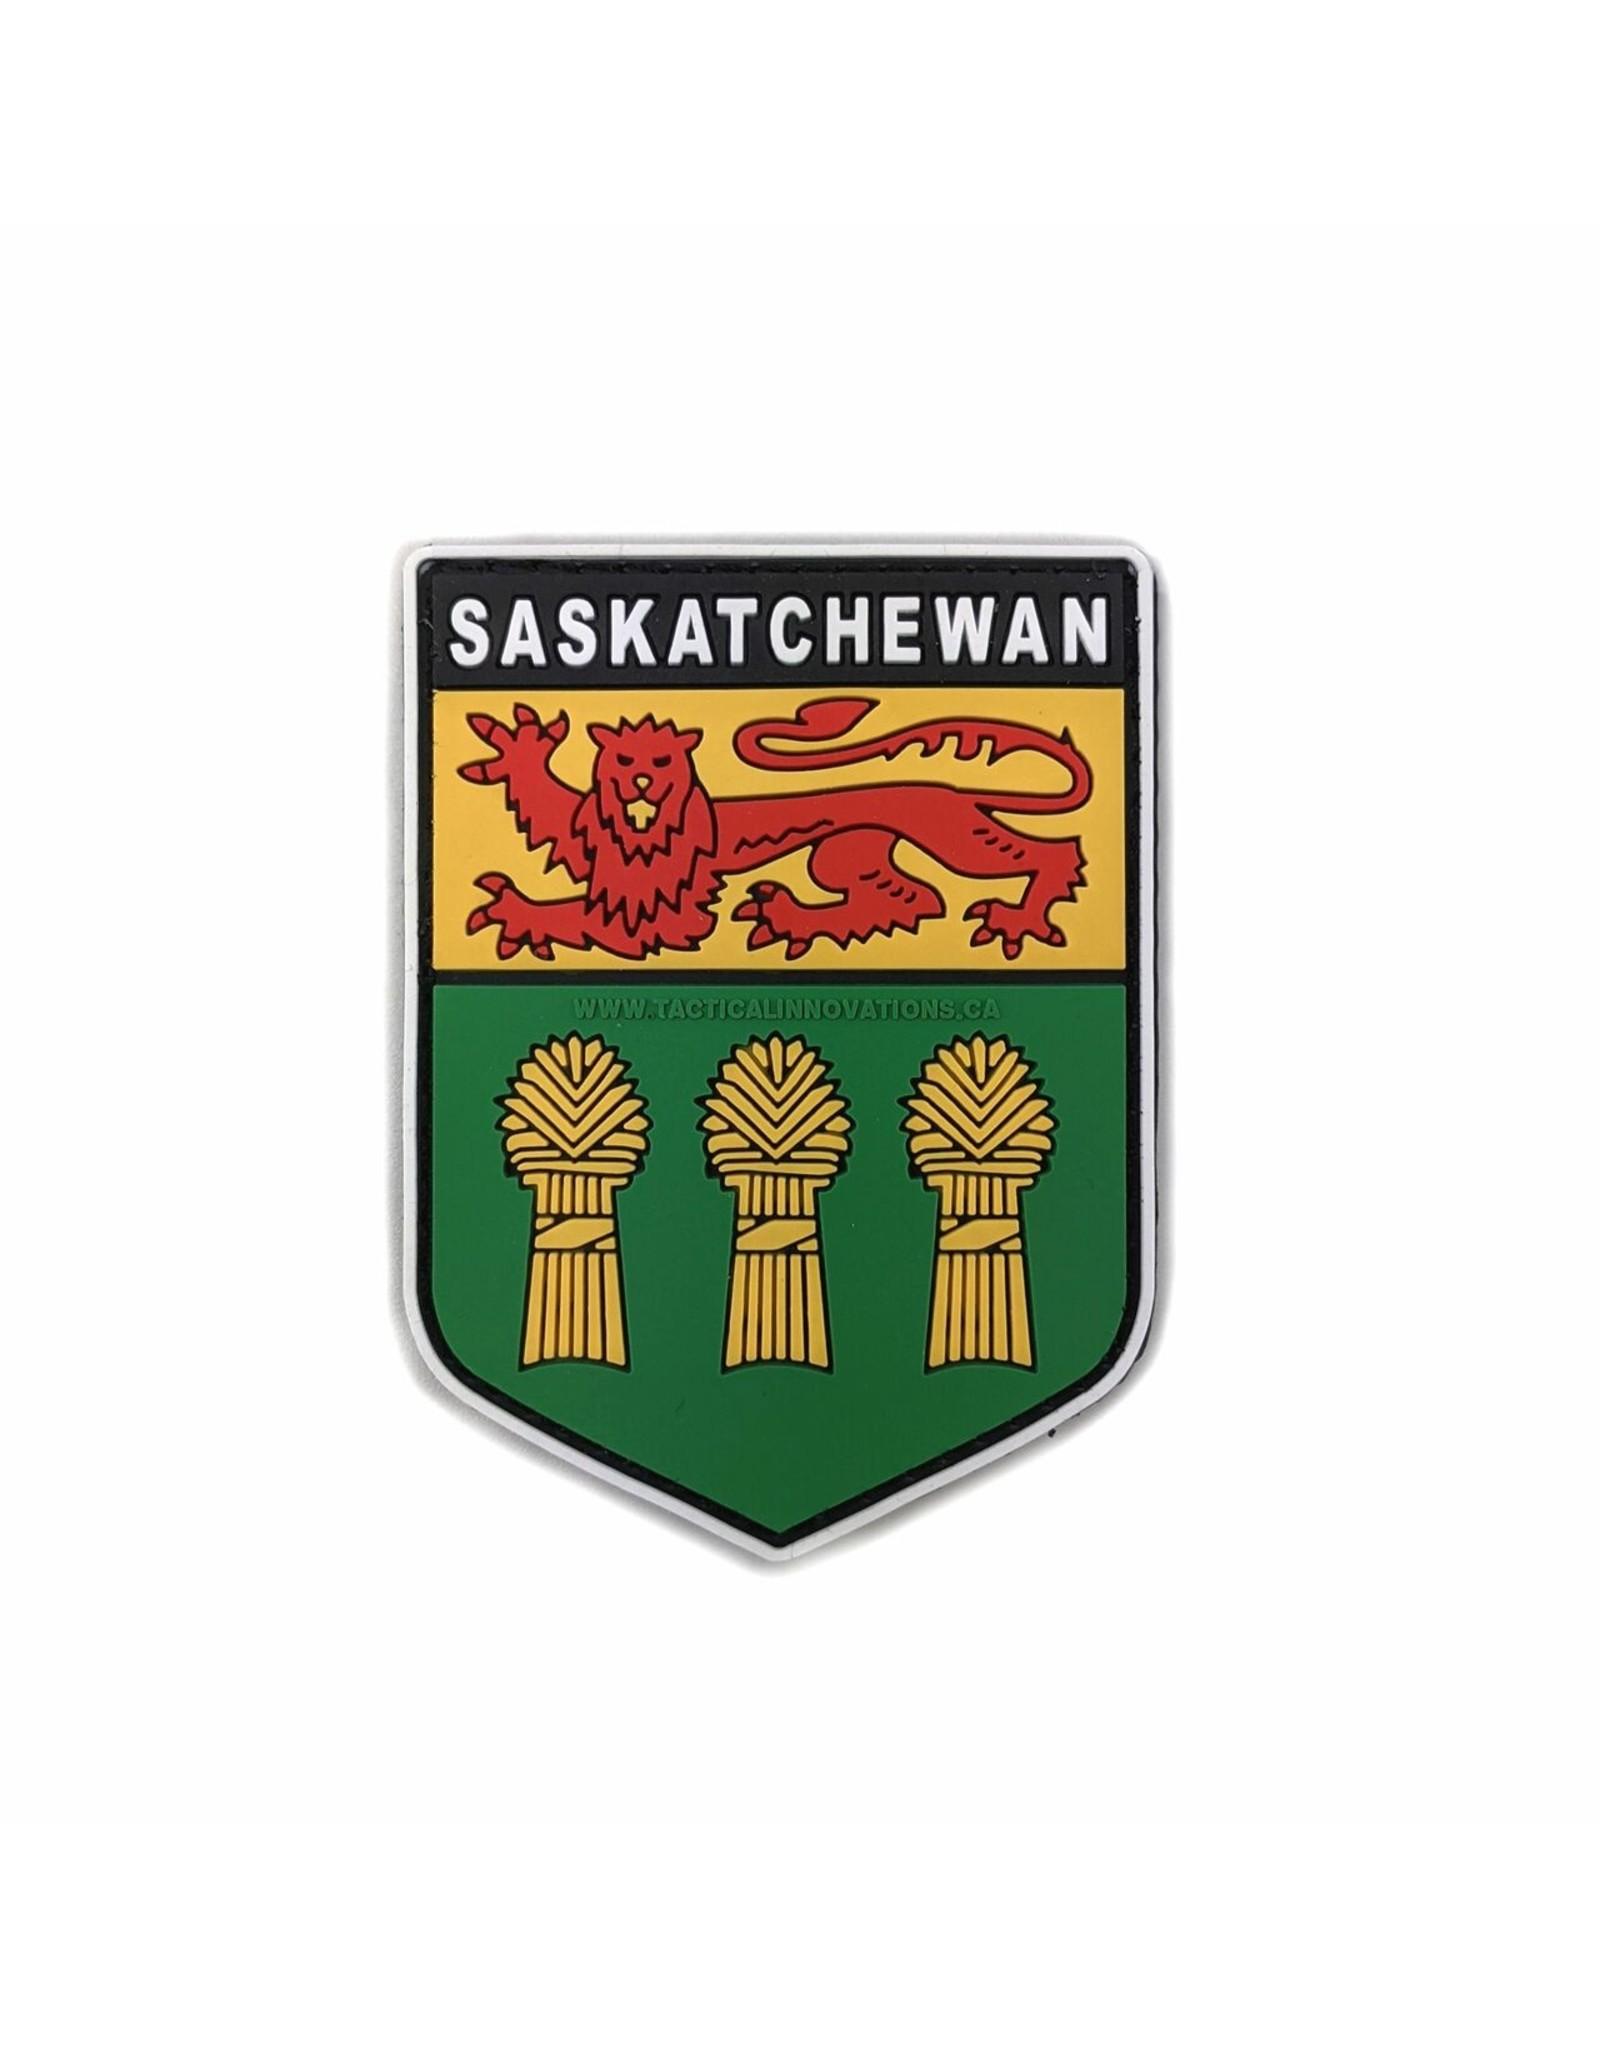 TIC Patch - SASKATCHEWAN SHIELD COLOUR